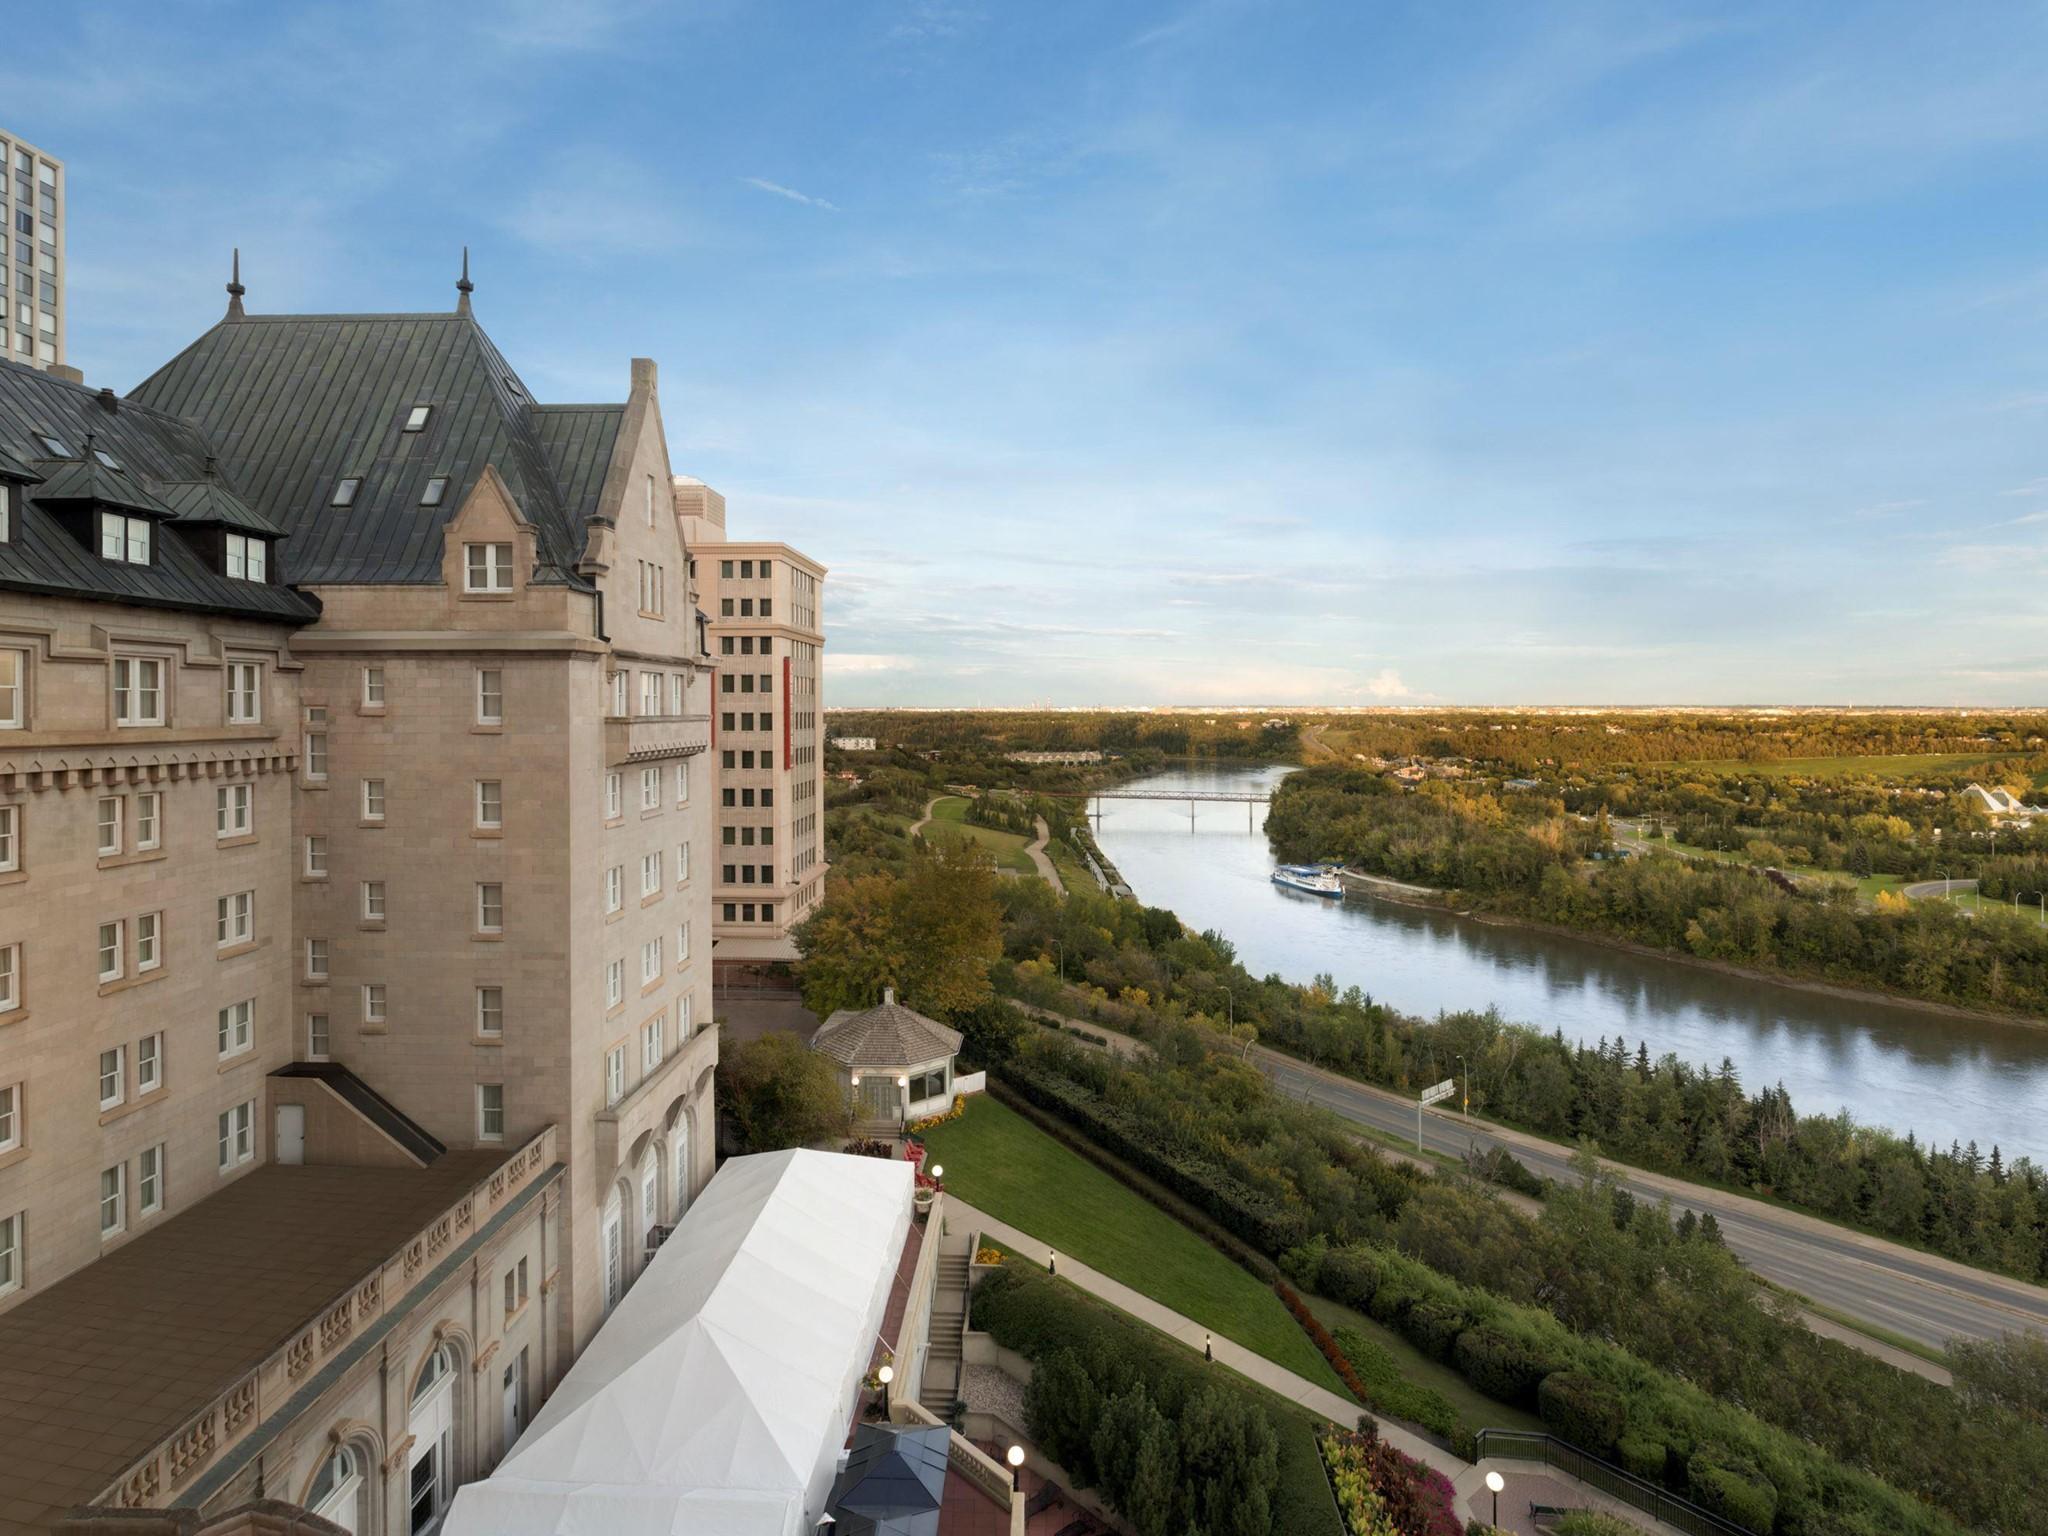 酒店 – Fairmont Hotel Macdonald 酒店